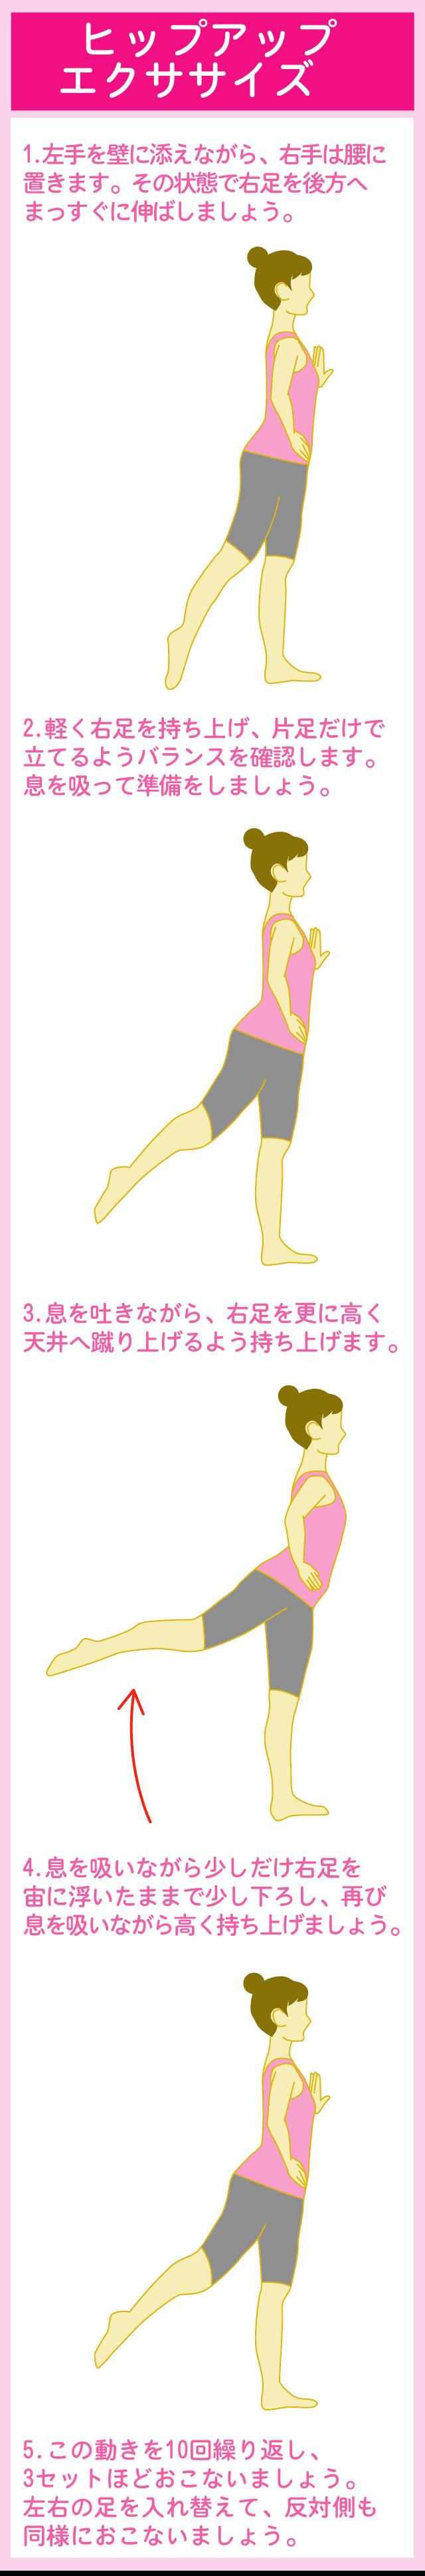 扁平尻対策に役立つバレエエクササイズ